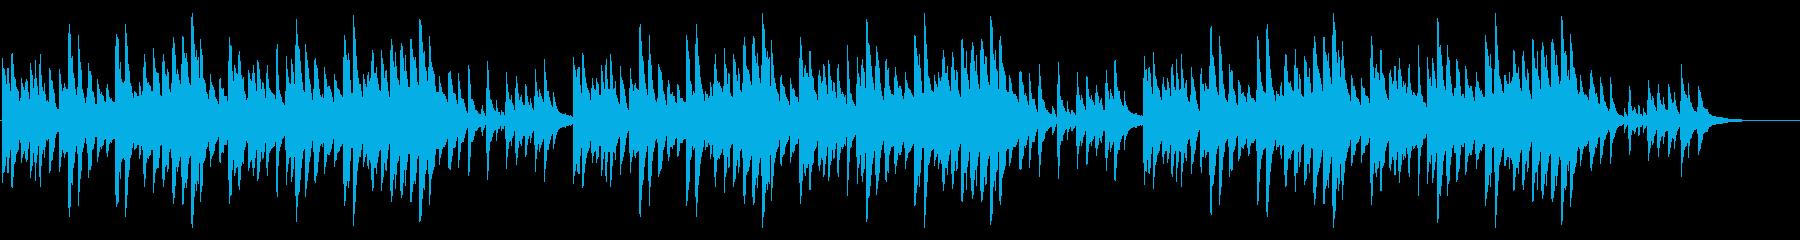 童謡「赤とんぼ」シンプルなピアノソロの再生済みの波形